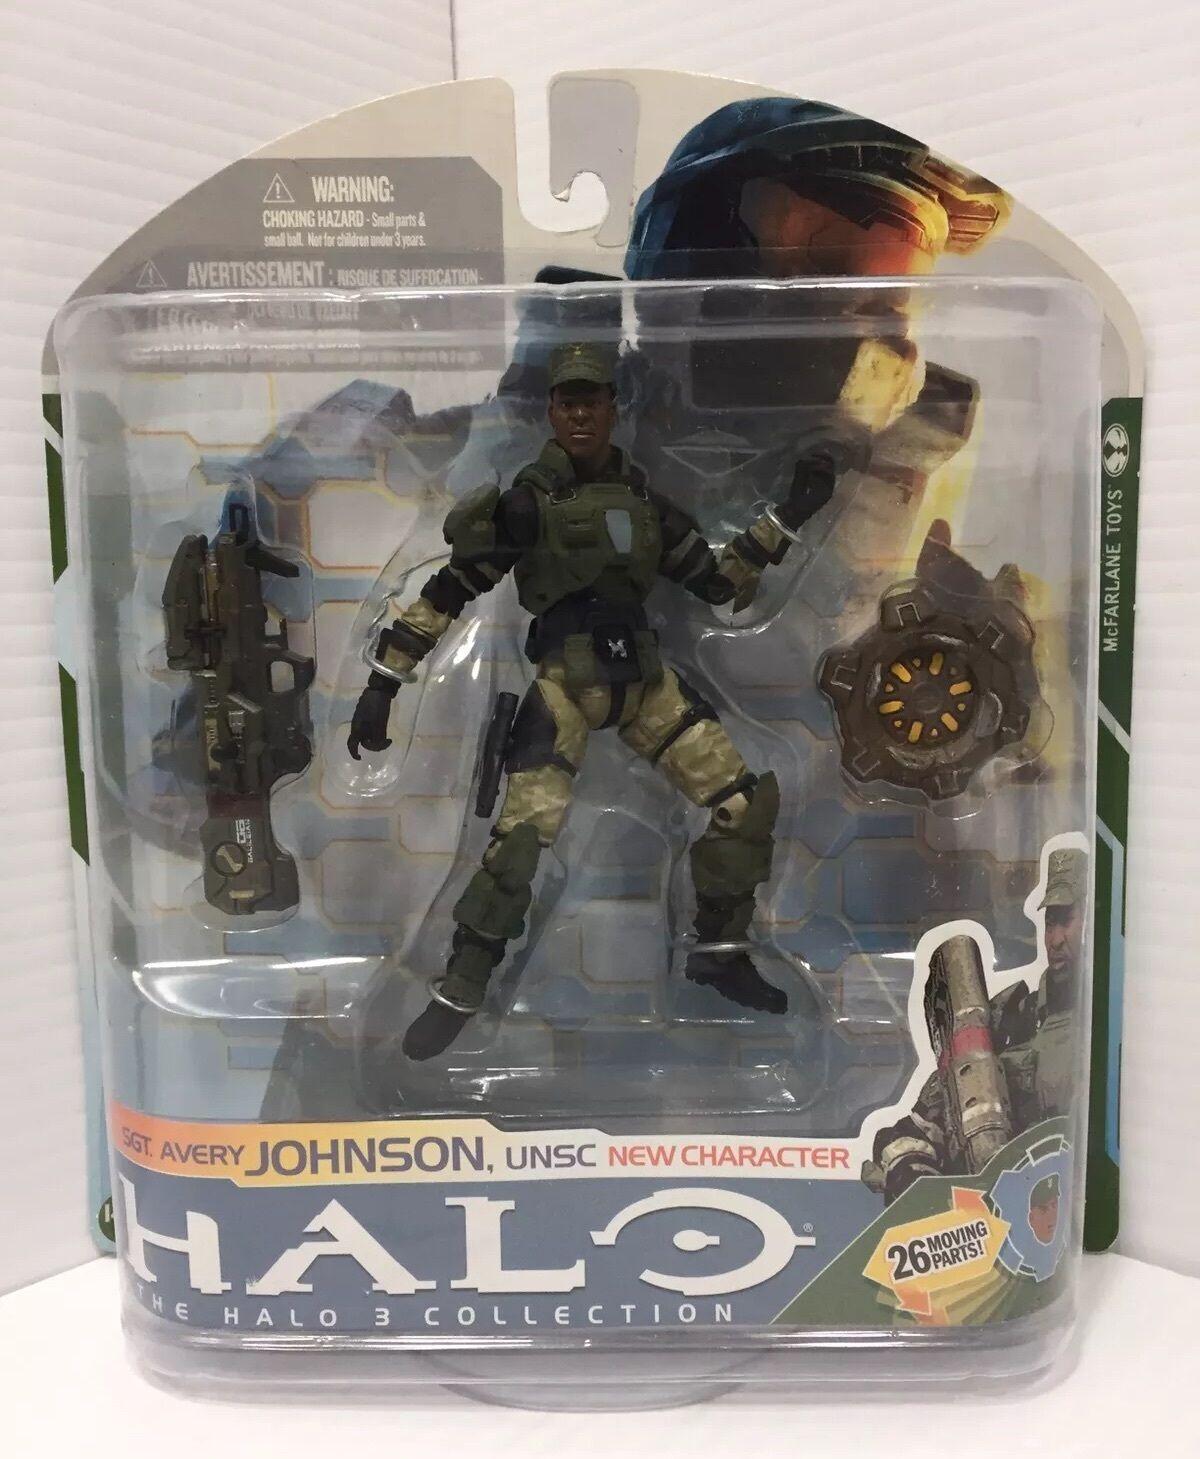 Mcfarlane  Halo 3 Collection Sgt Avery Johnson Factory Sealed  livraison gratuite et échanges.